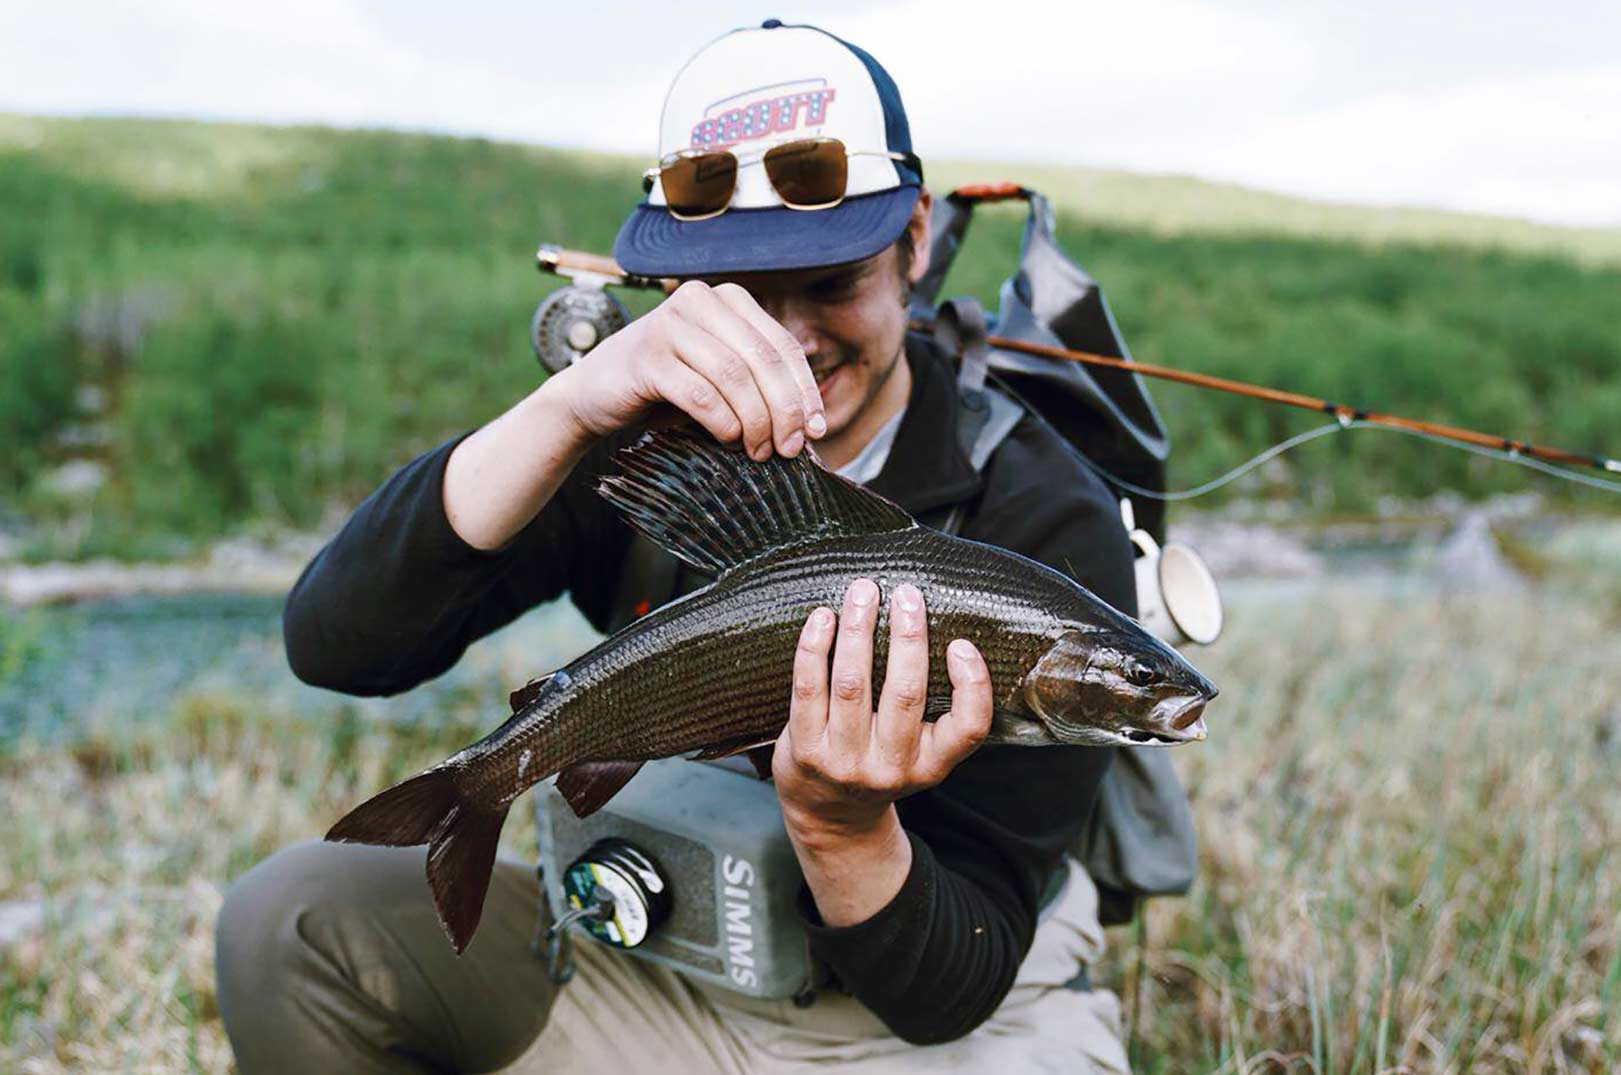 Min fiske ven Joonas med en stalling på 54 cm fanget på sin splltcane og en elk hair caddis tørflue.